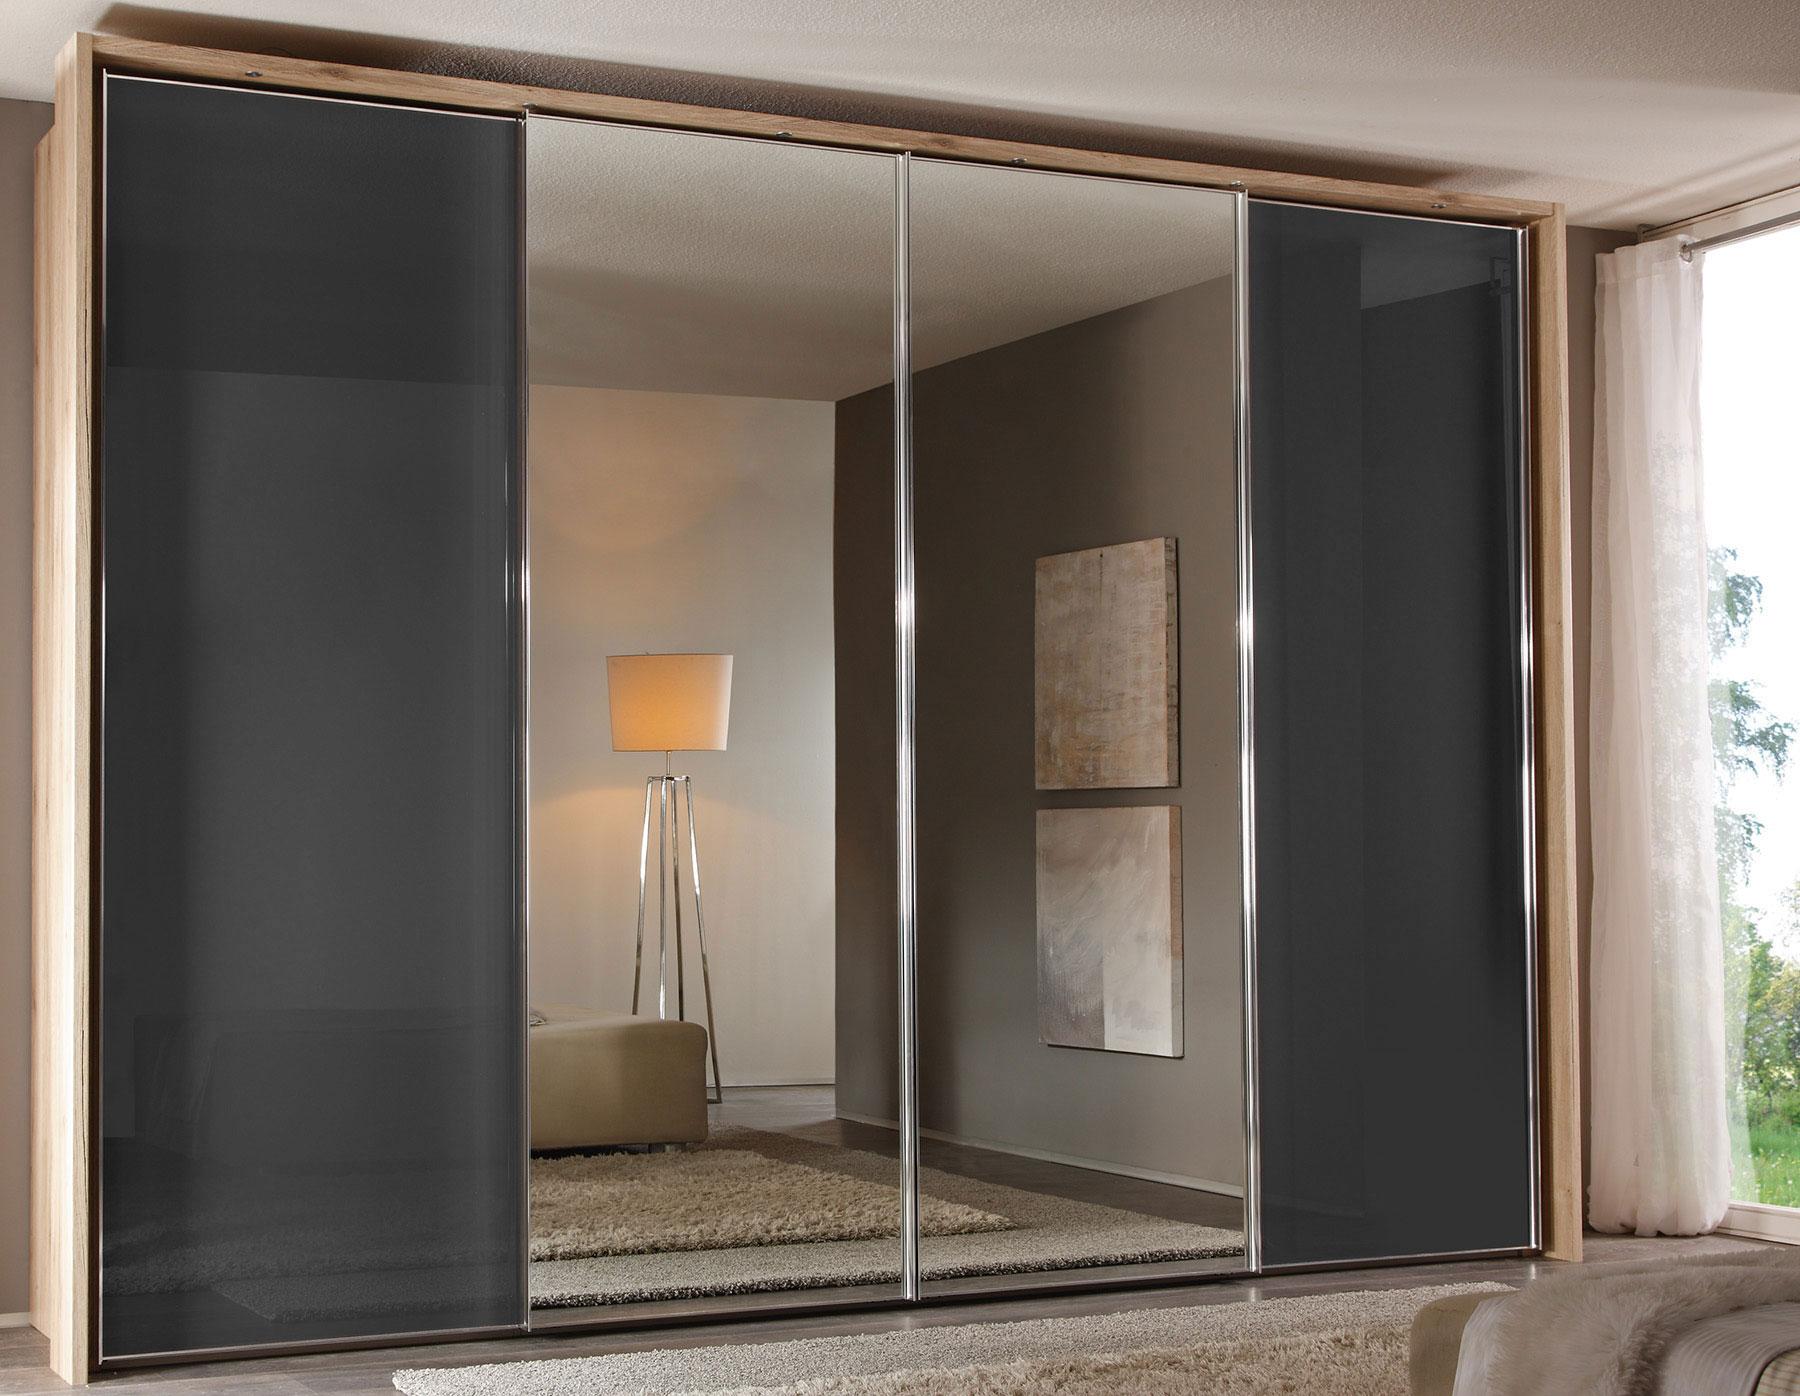 Staud Sonate Rom Panoramaschrank mit Spiegel